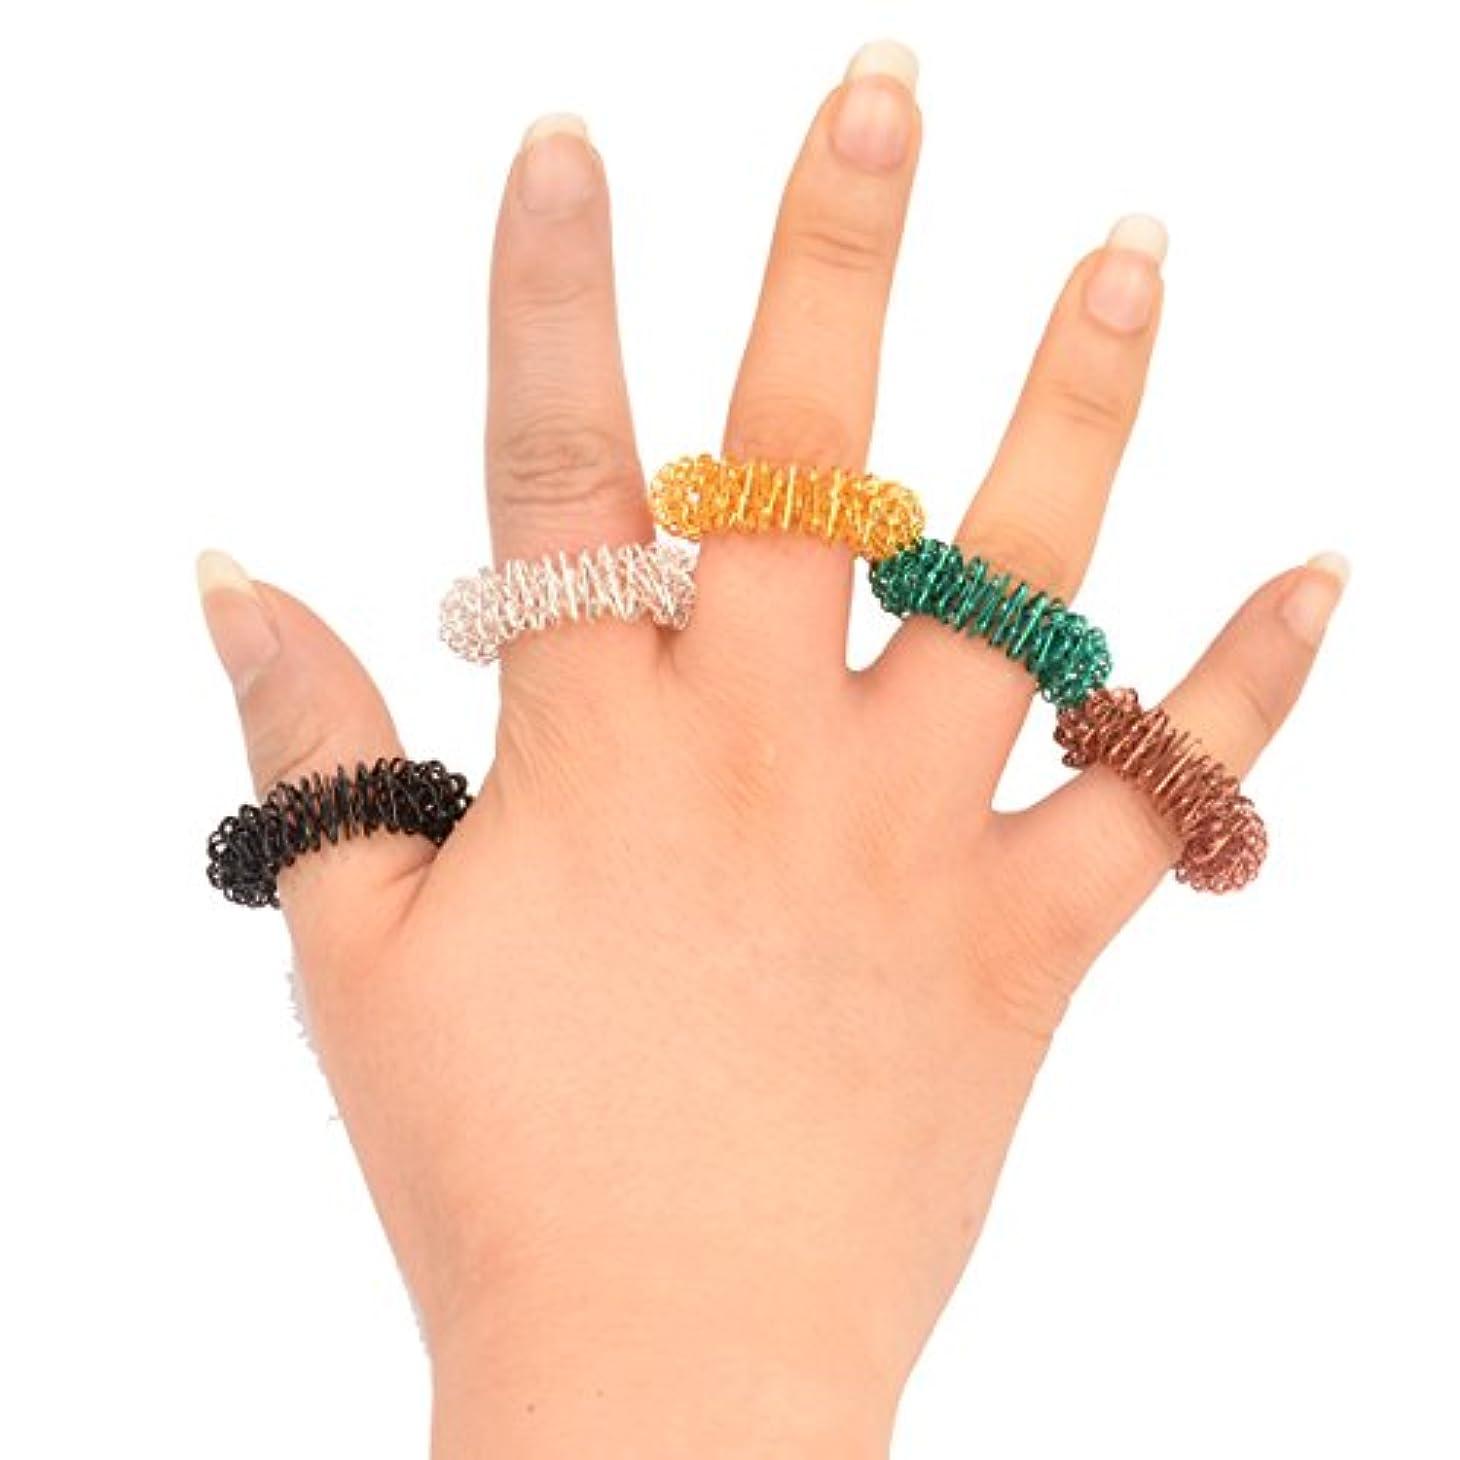 アプライアンス愚か素晴らしいです(Ckeyin) マッサージリング 5個入り 爪もみリング 色はランダムによって配送されます (5個)